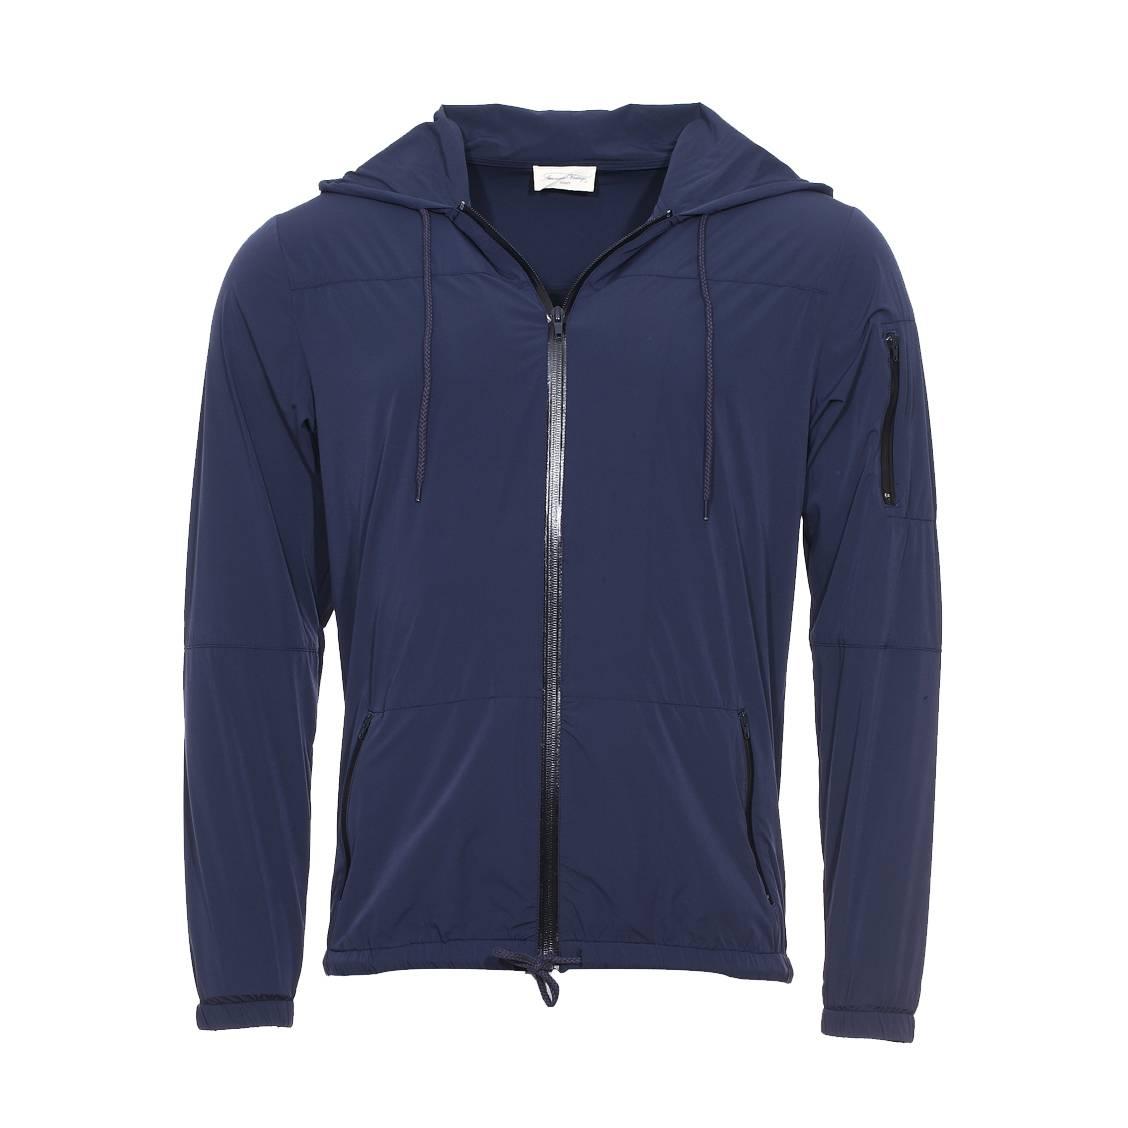 Veste à capuche zippée datmon  bleu nuit